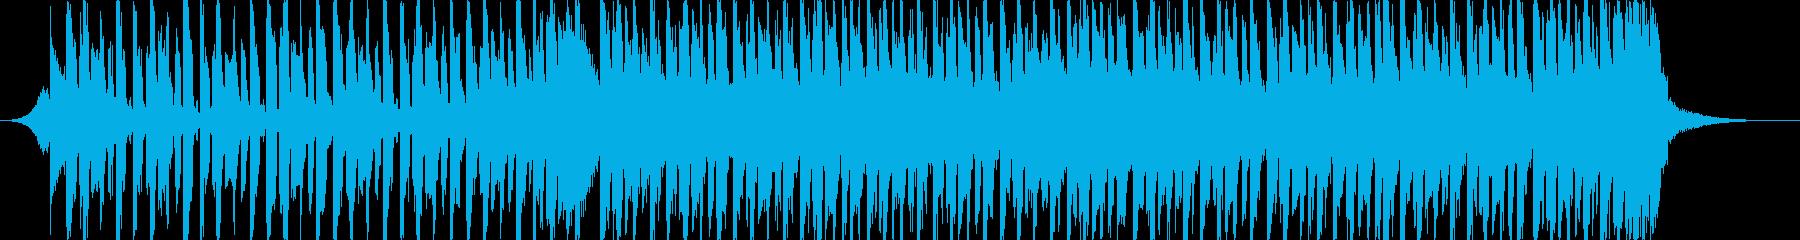 踊れるクラブ系EDM/パーティダンス曲の再生済みの波形